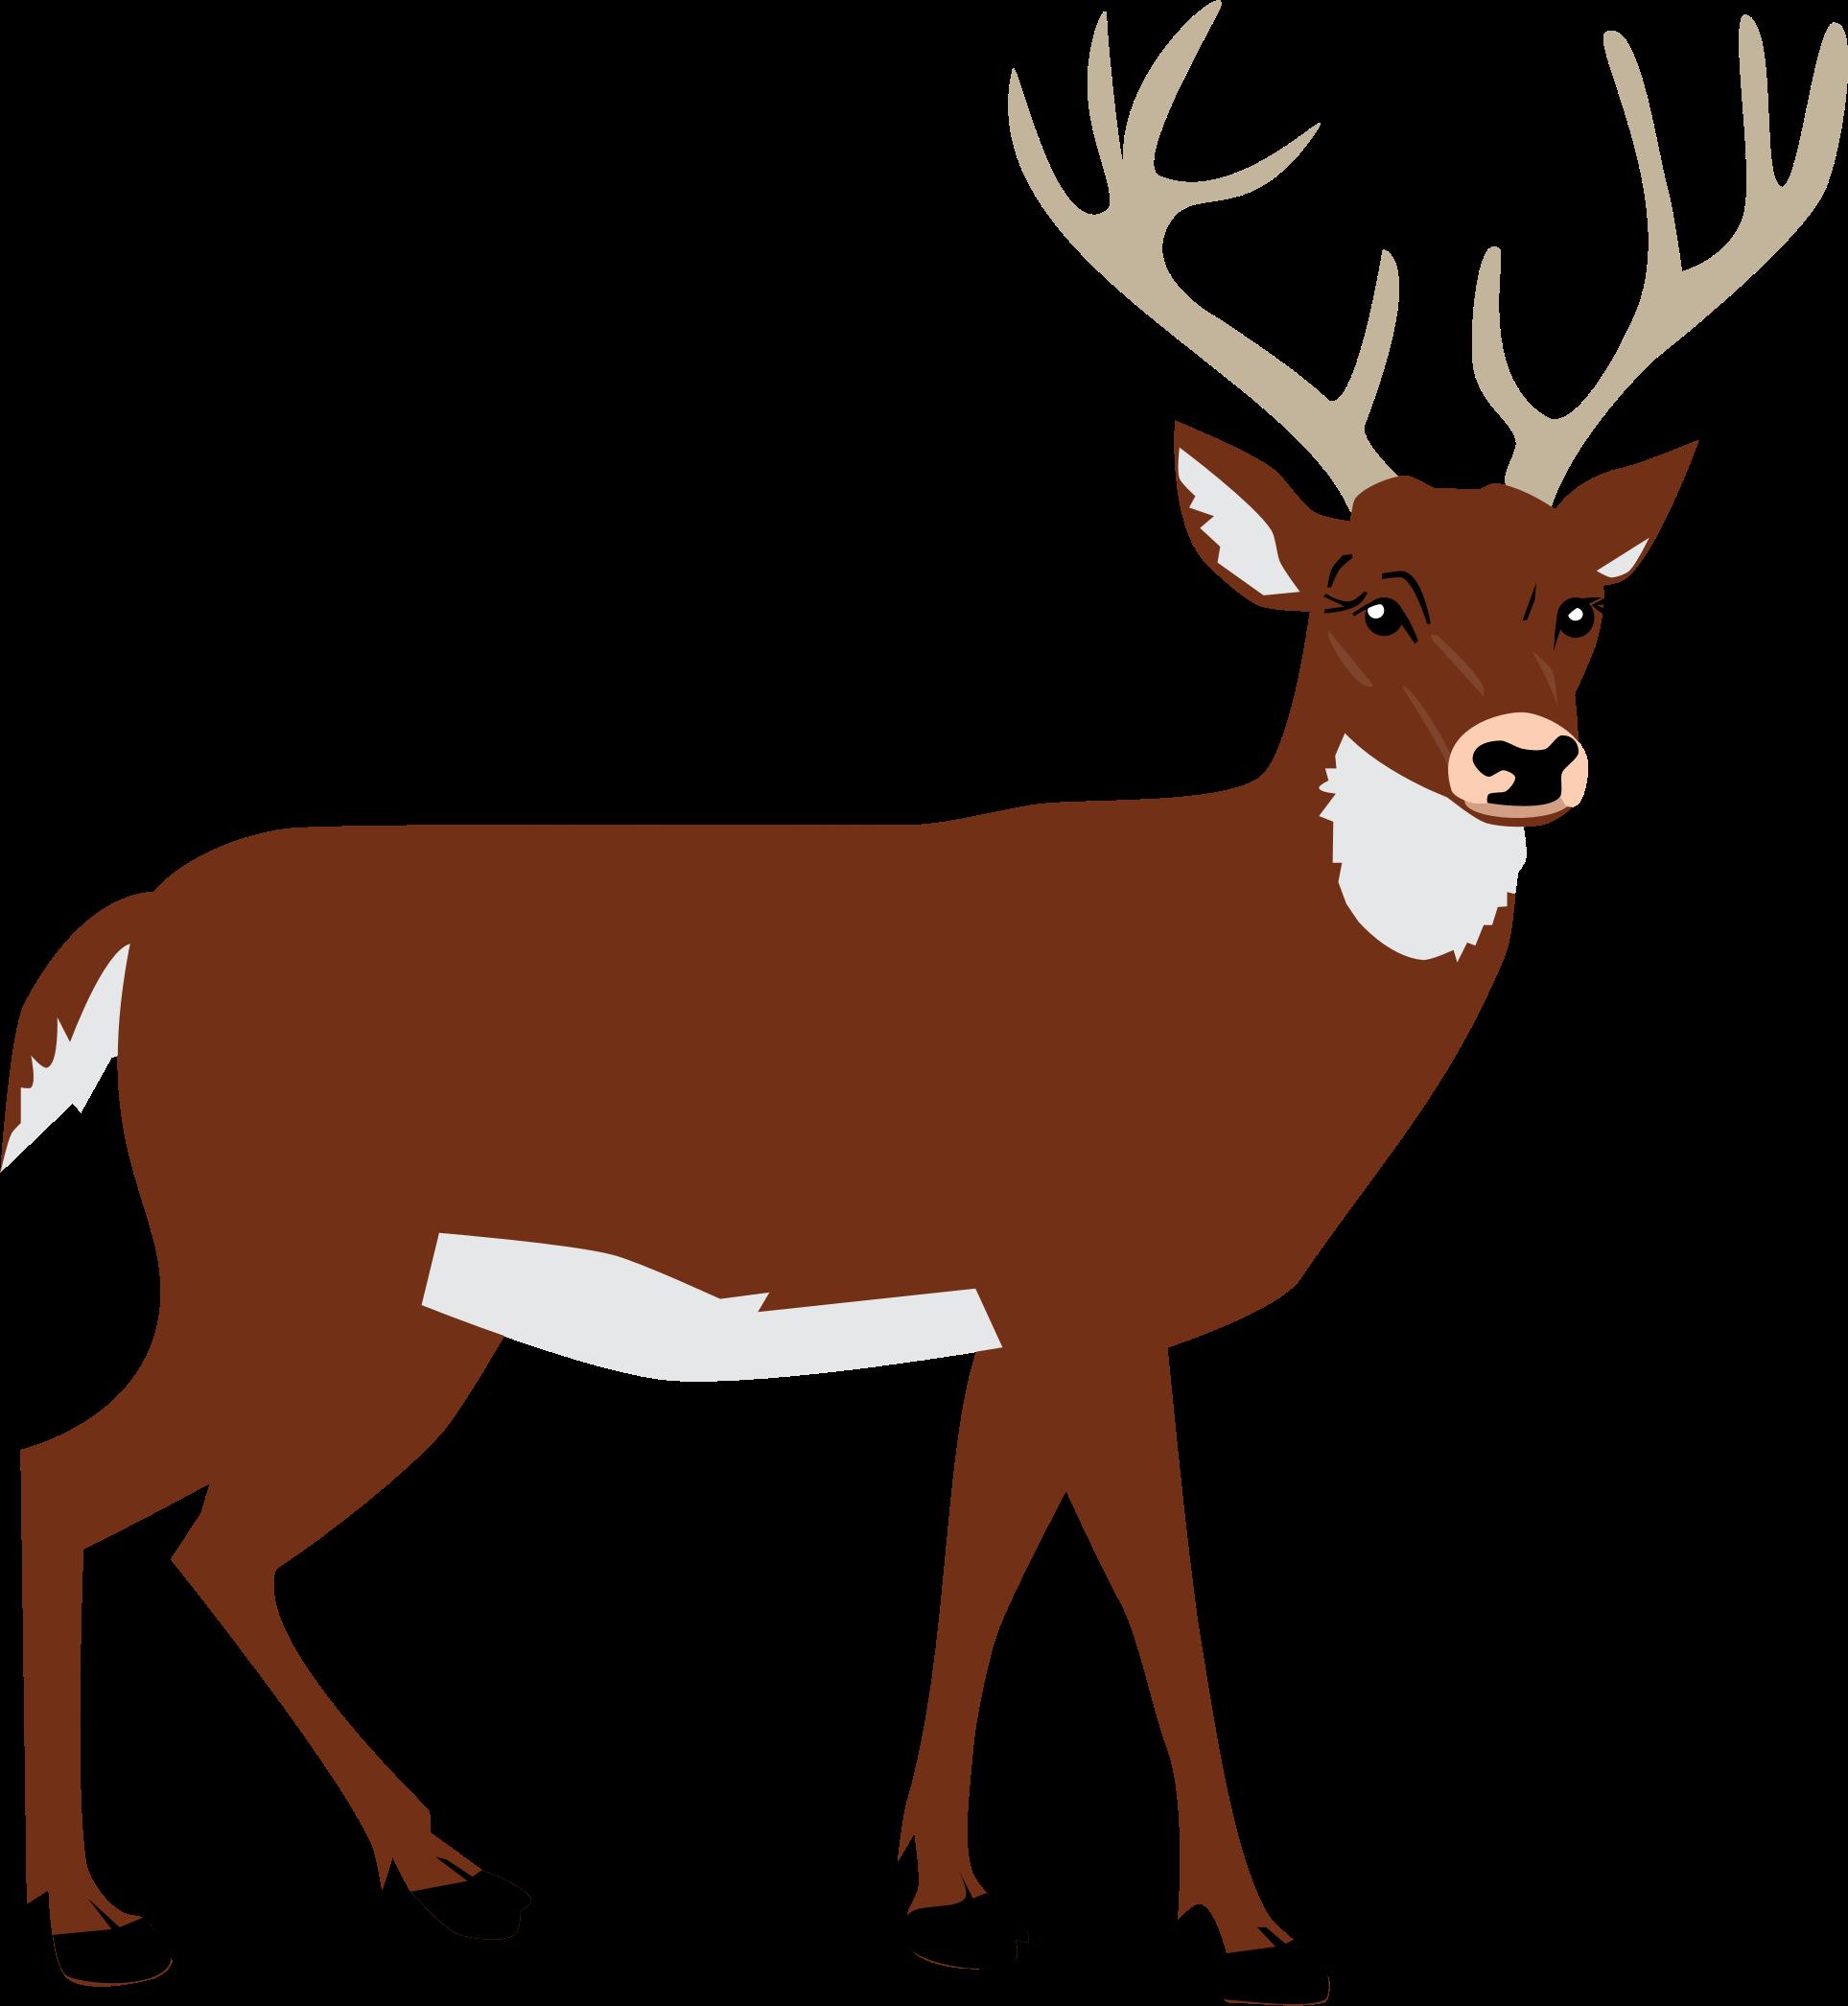 Deer Clipart Png.